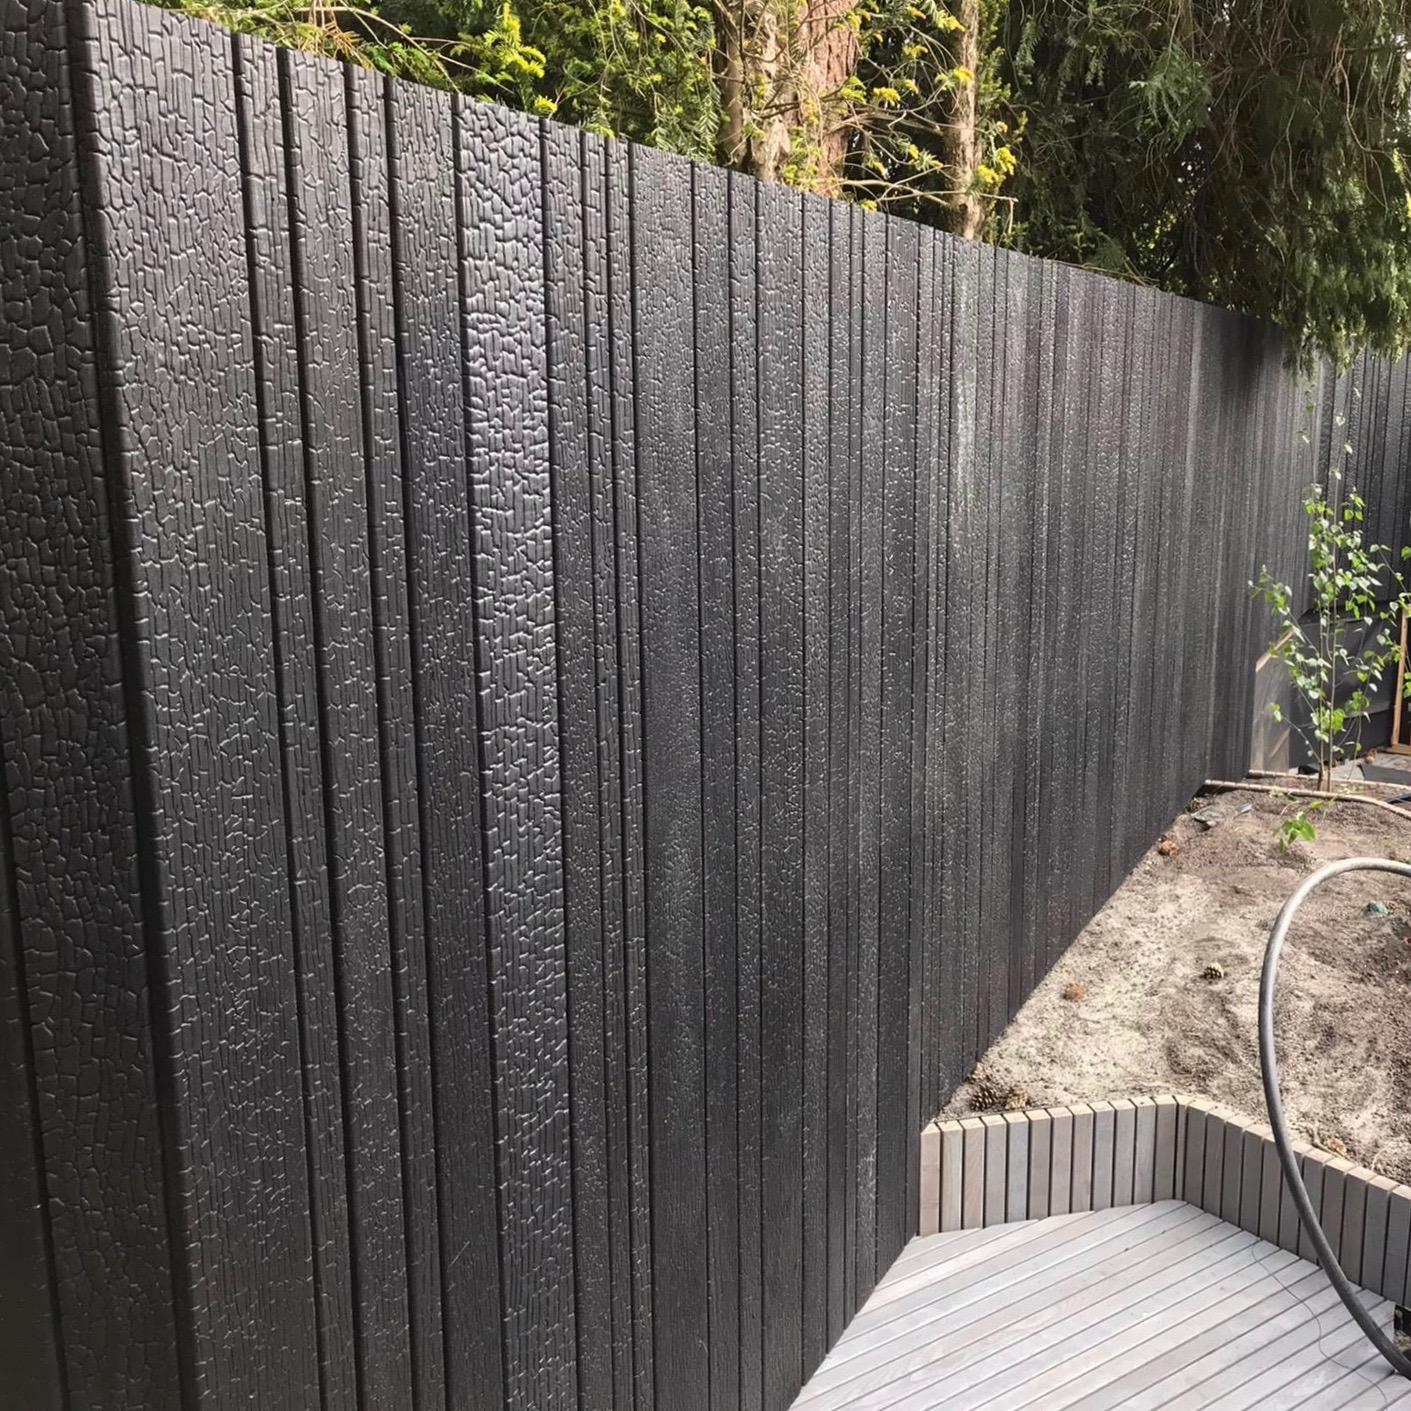 Burned Wood Accoya gefixeerd erfafscheiding open profiel in 4 verschillende breedtes tuin net aangeplant, gecombineerd met houten vlonder golvende vormen